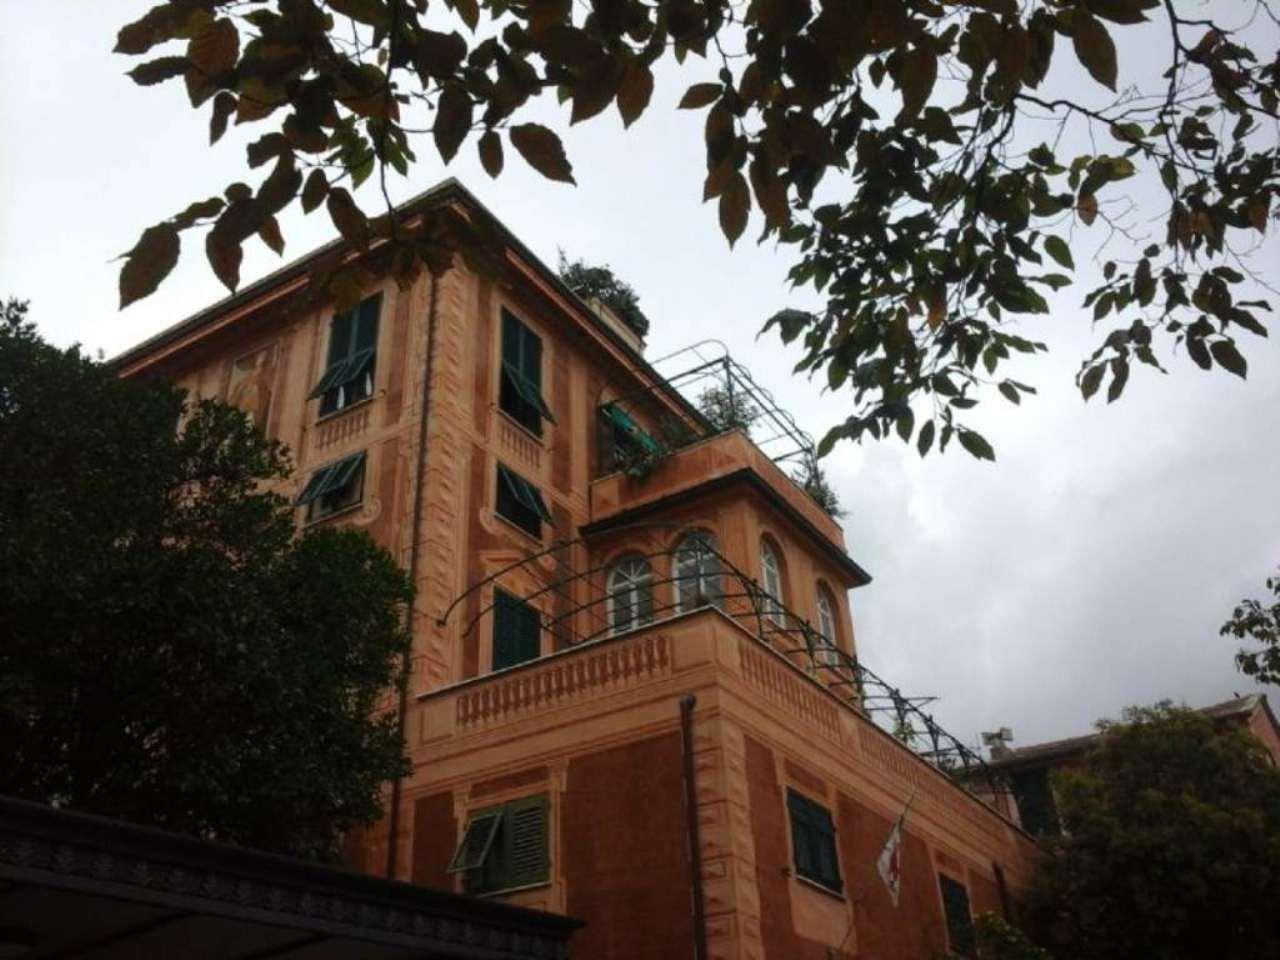 Appartamento in vendita a Arenzano, 4 locali, prezzo € 700.000 | CambioCasa.it